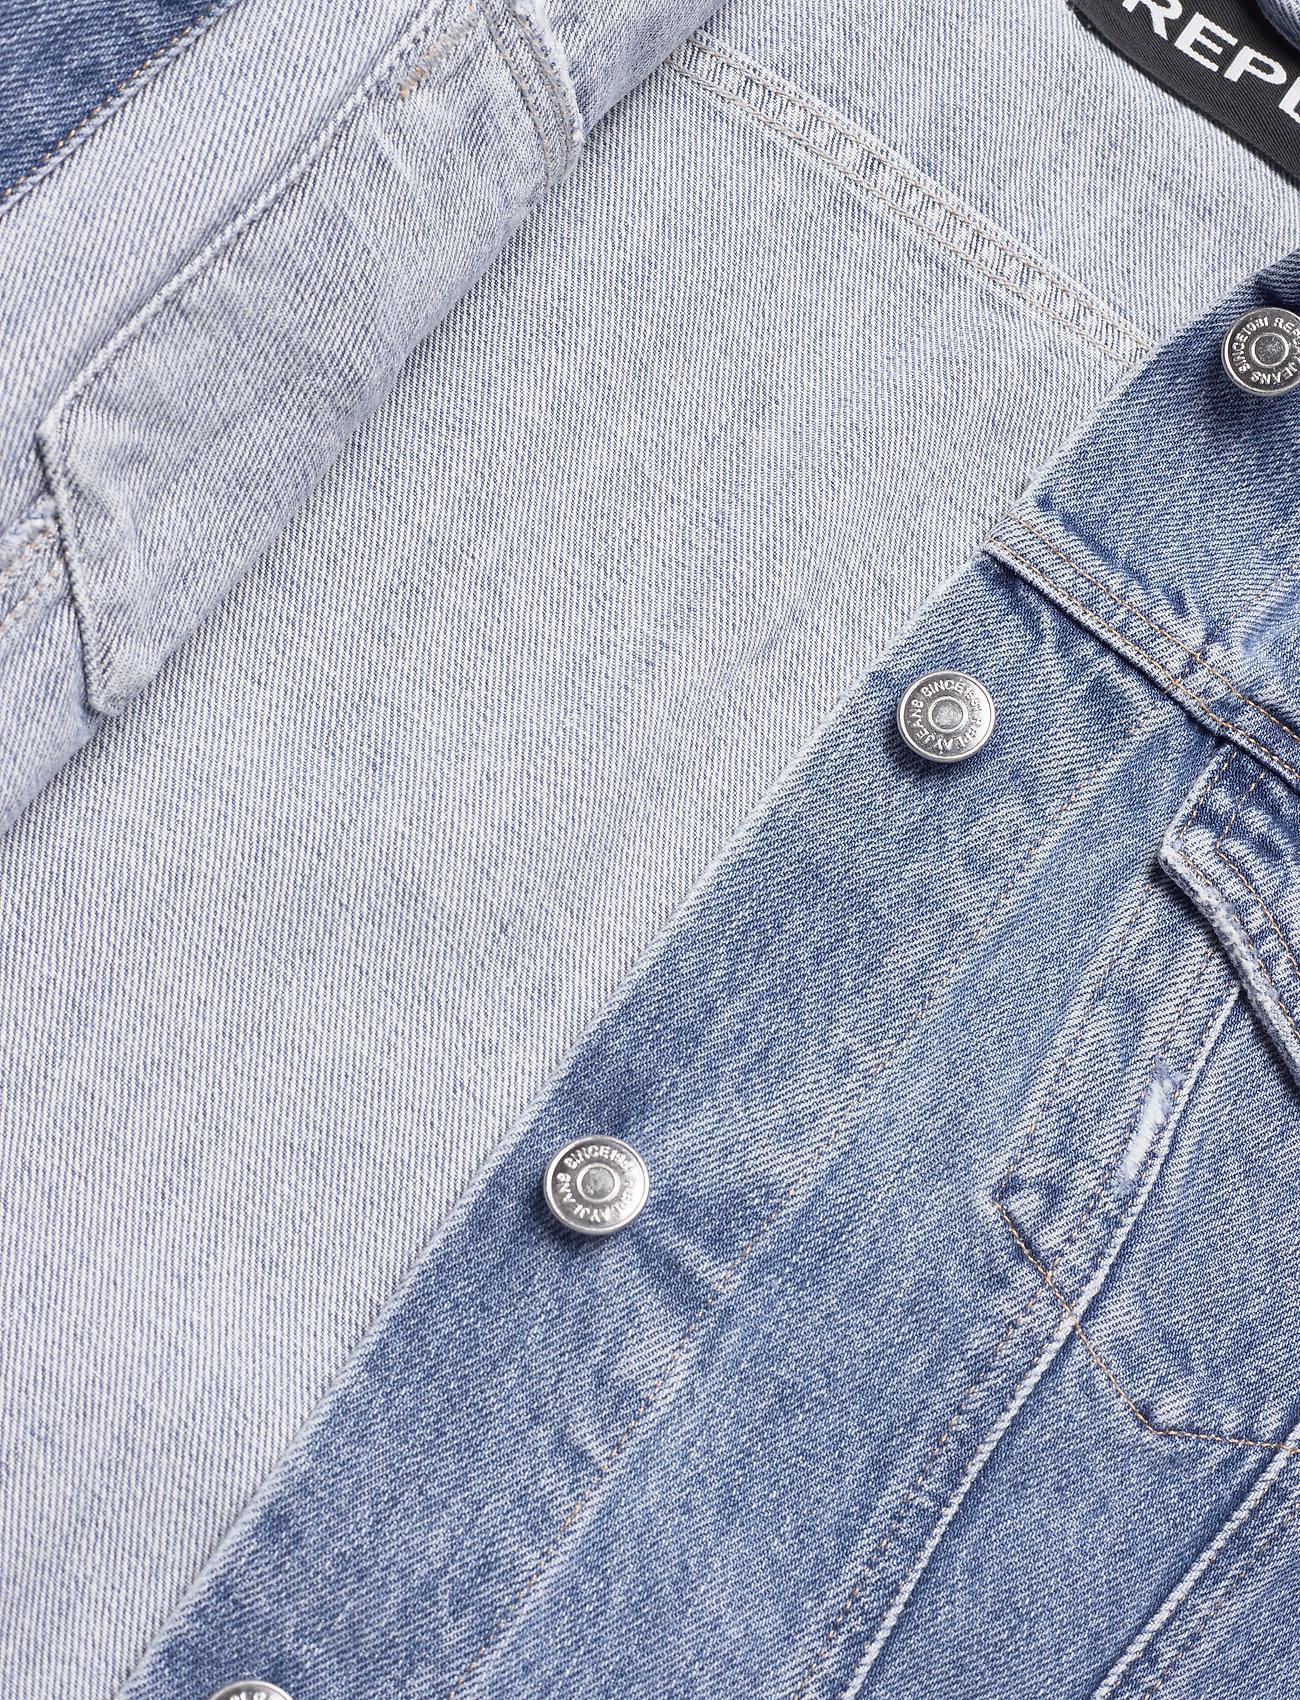 Replay Jacket - Kurtki i Płaszcze MEDIUM BLUE - Kobiety Odzież.